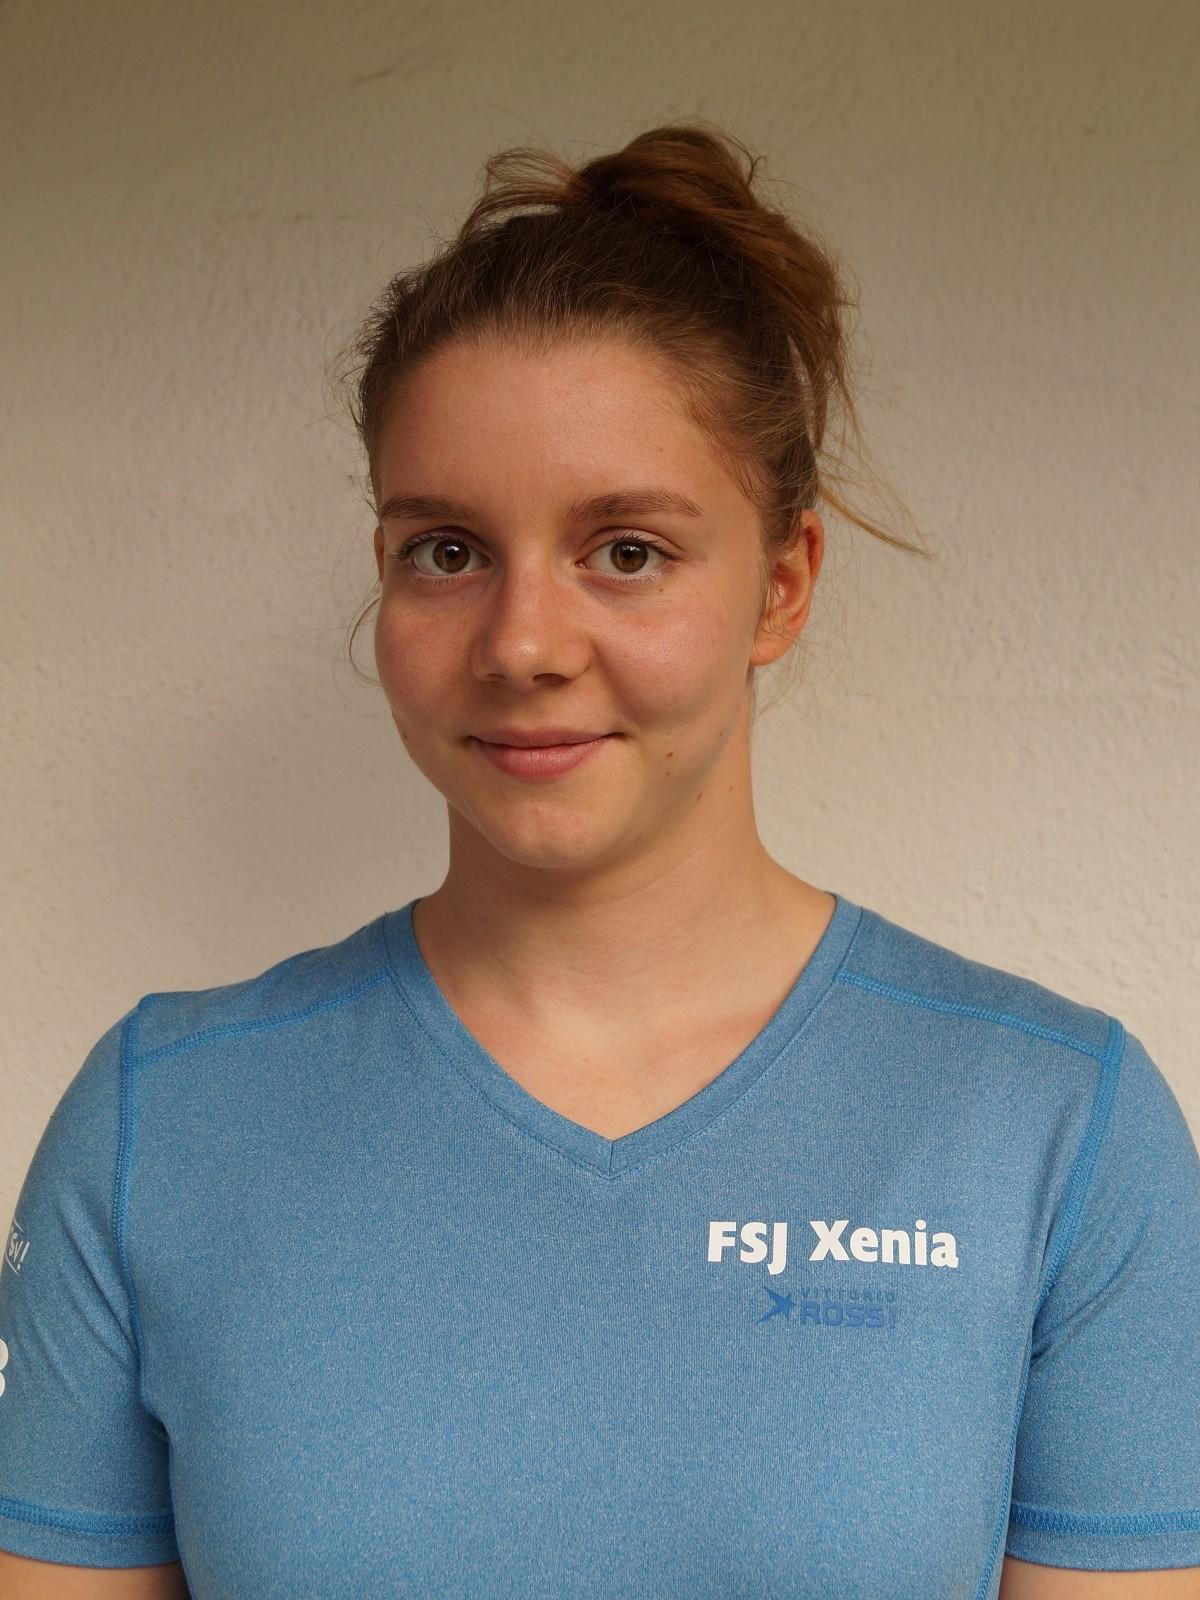 Selbach-Xenia